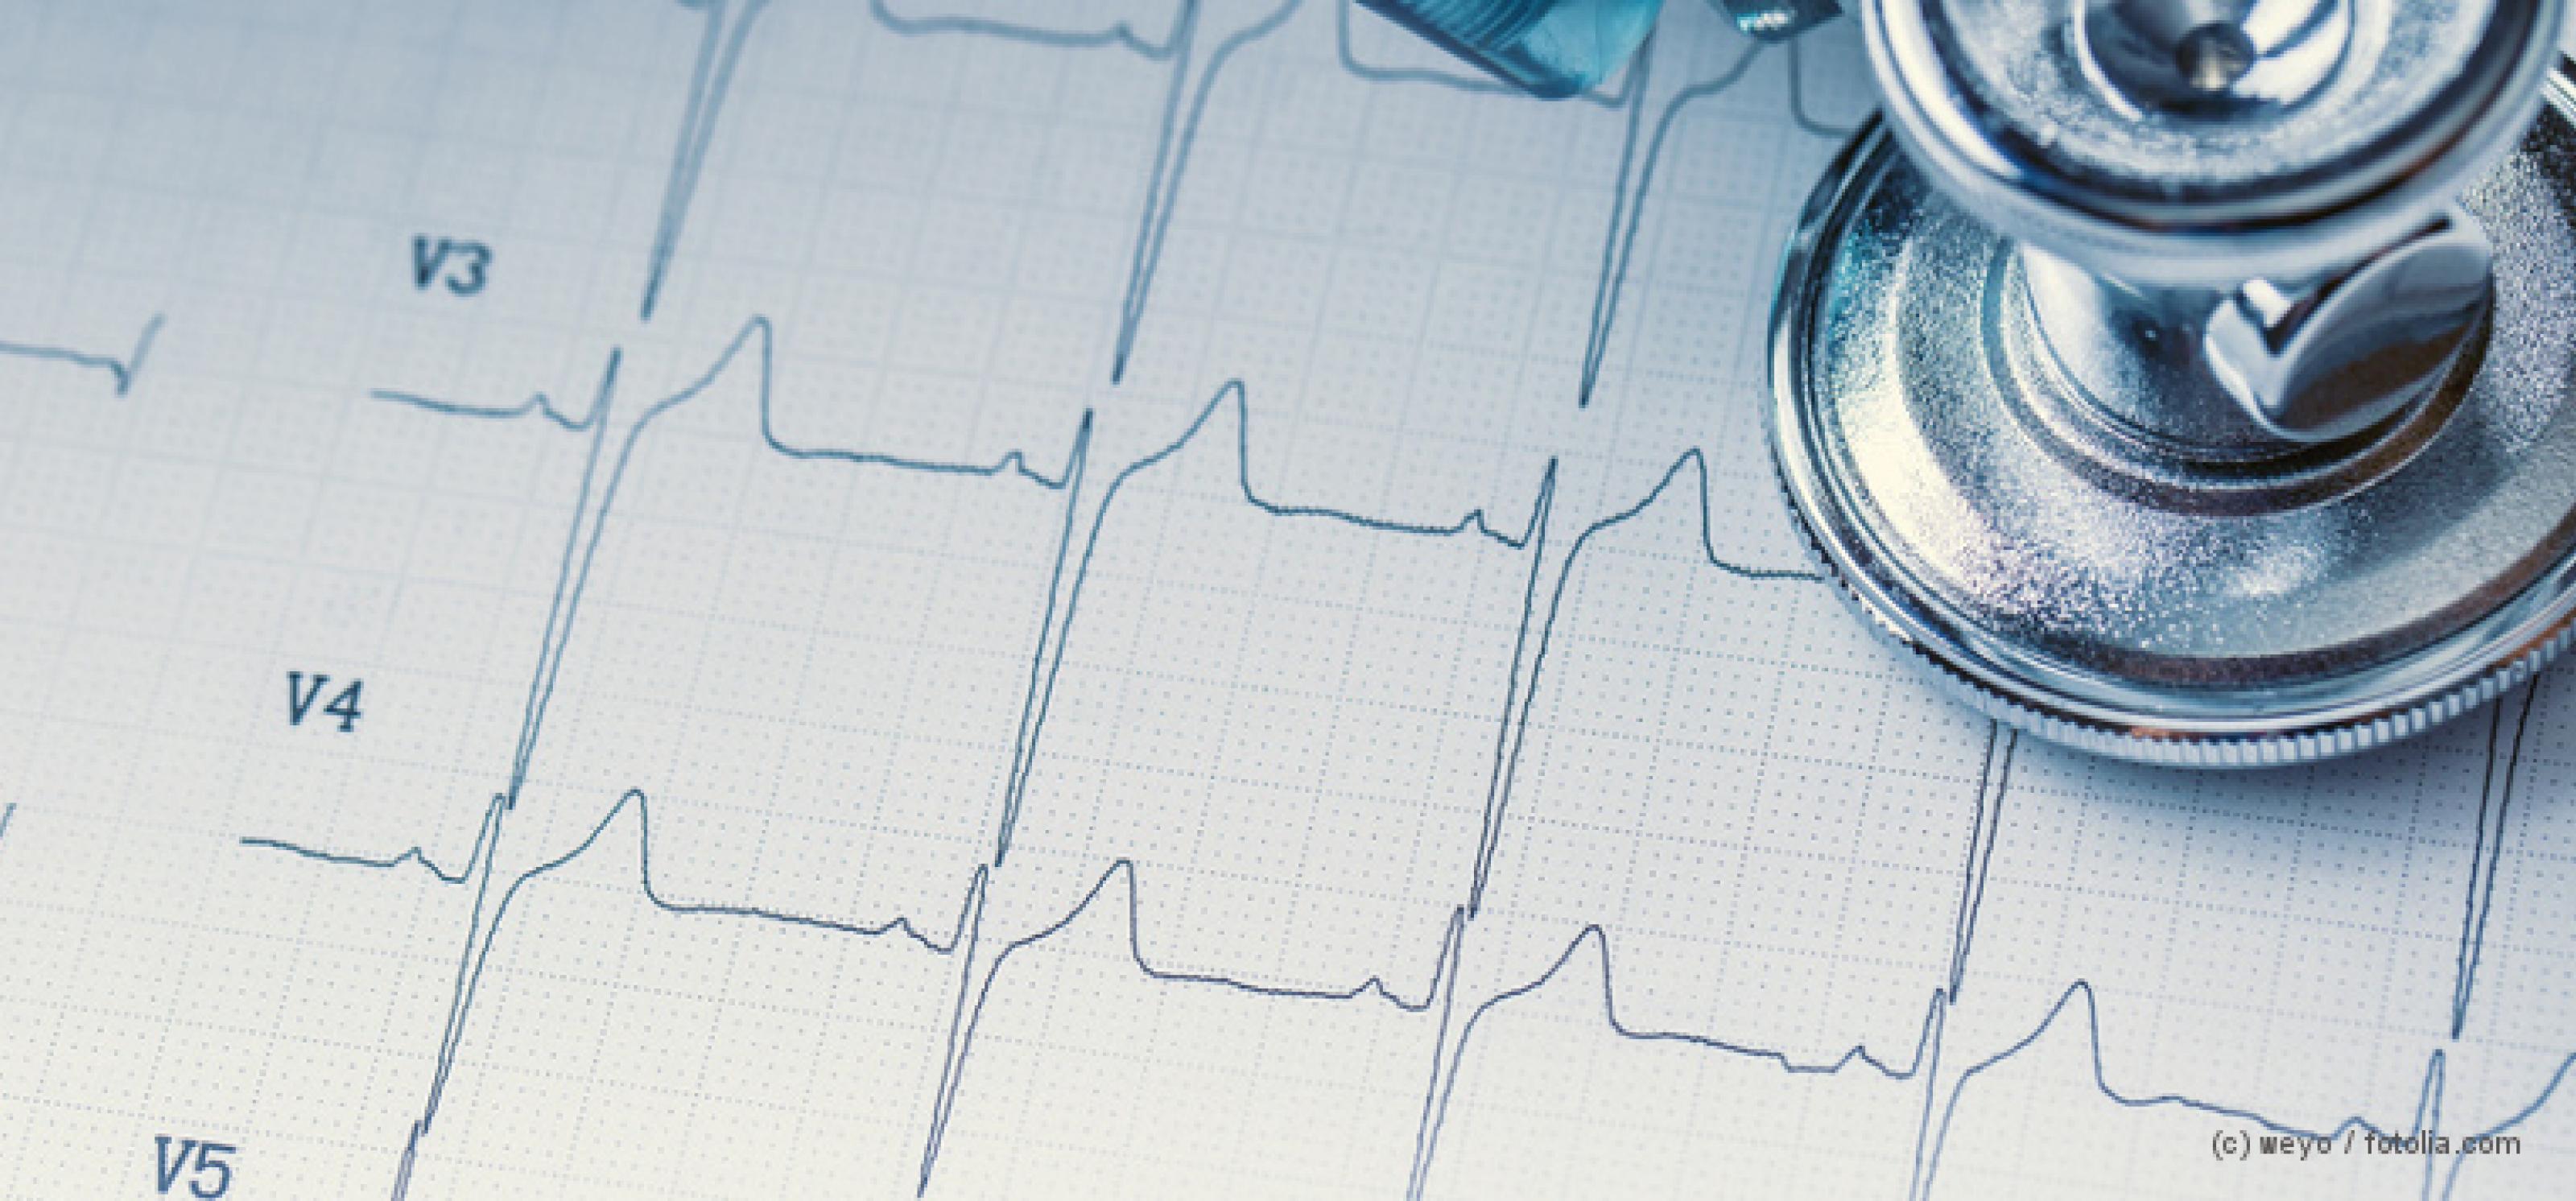 Stethoskop und EKG-Linie